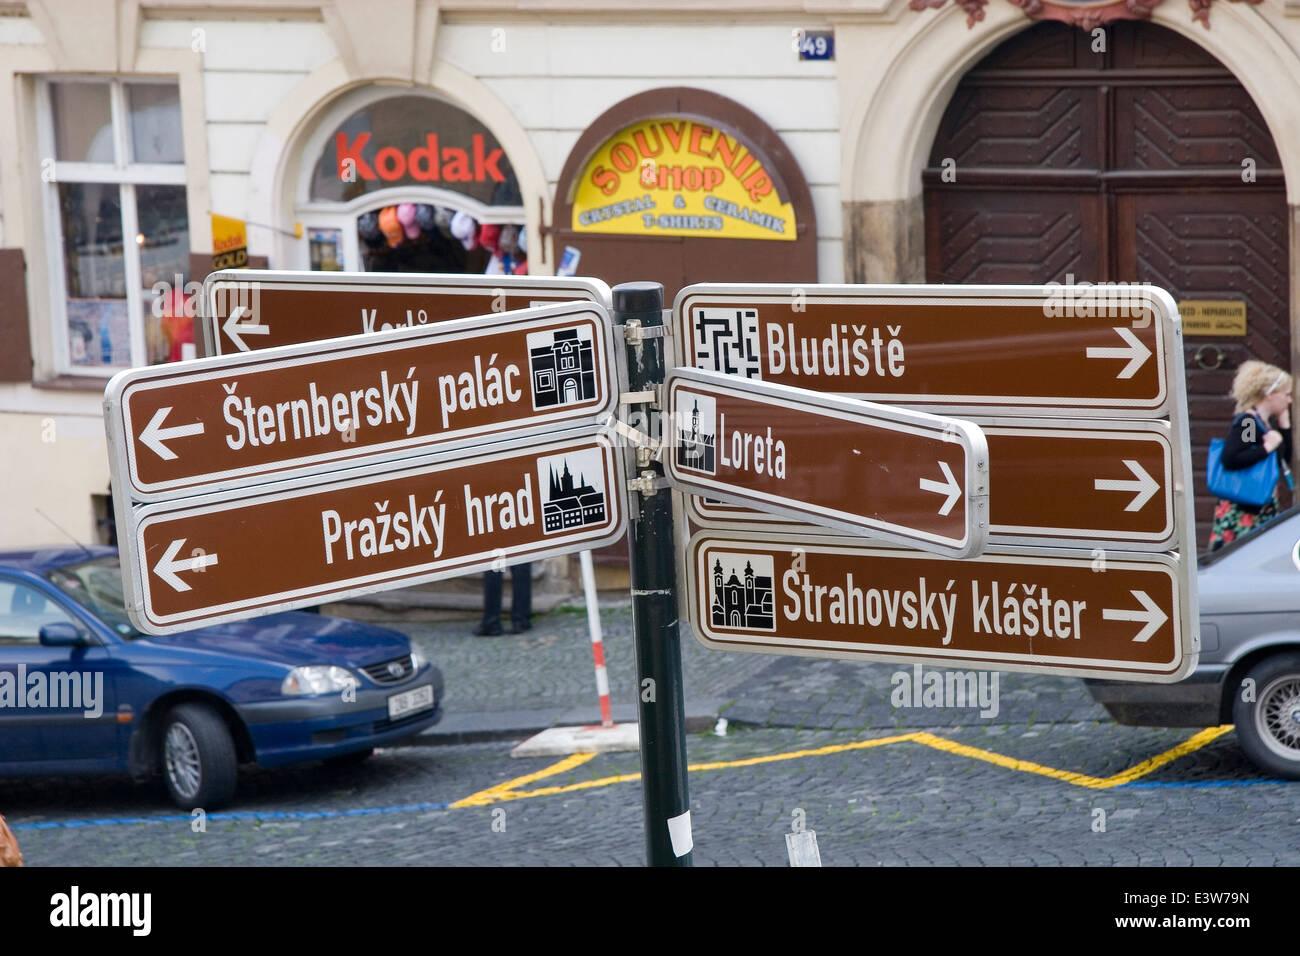 Street sign, prague, czech republic - Stock Image